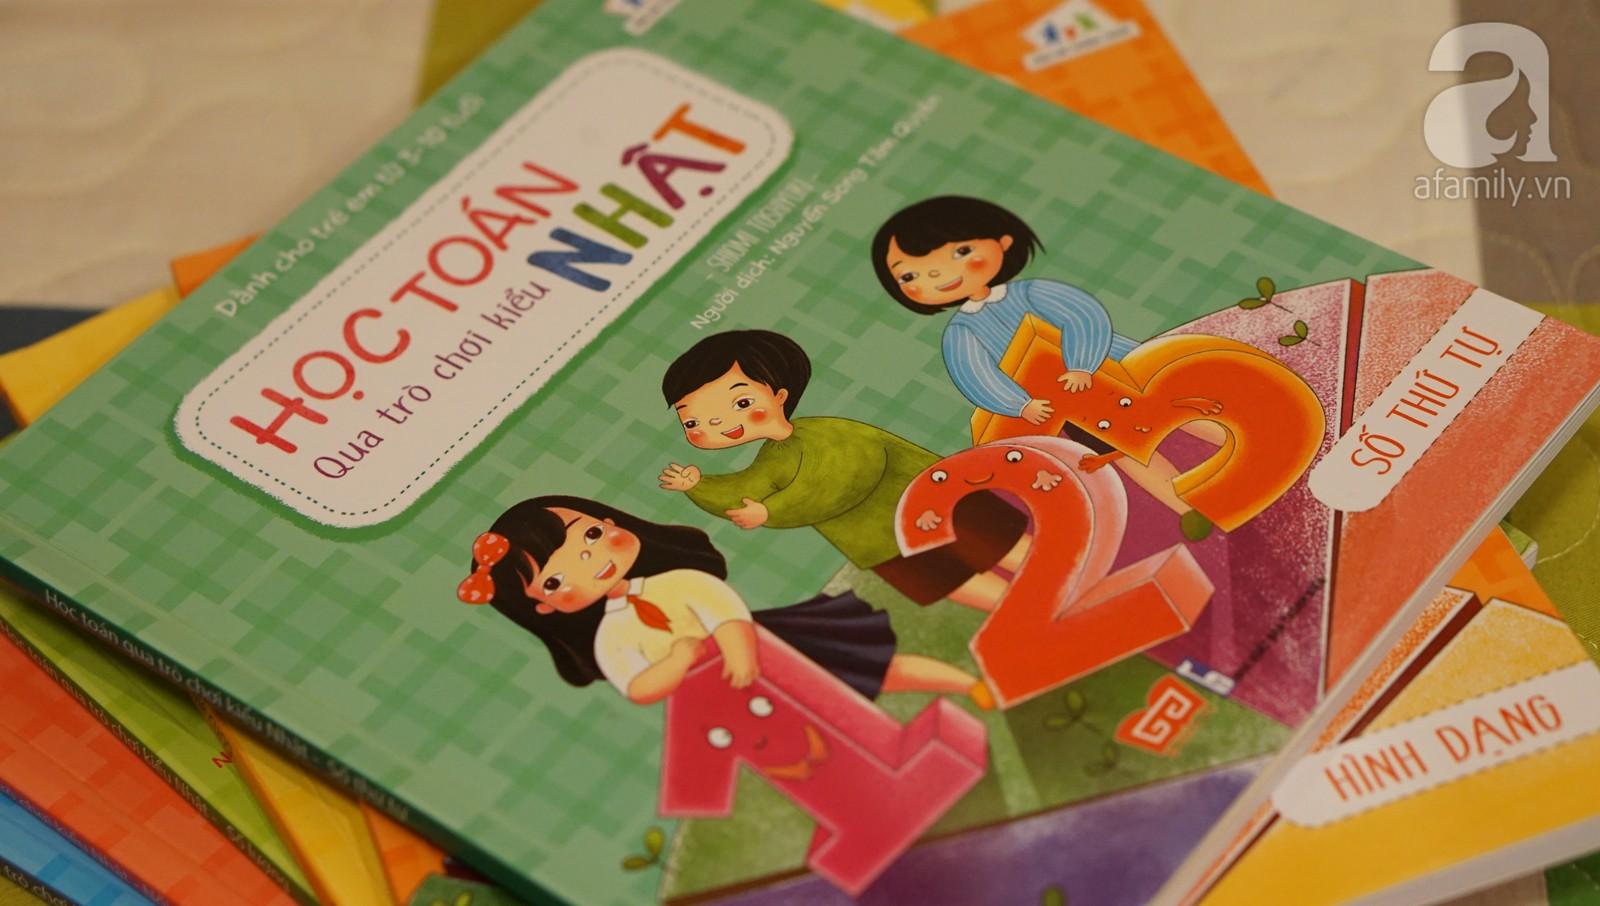 Giúp con học giỏi toán lớp 1 qua những trò chơi kiểu Nhật độc đáo   - Ảnh 1.